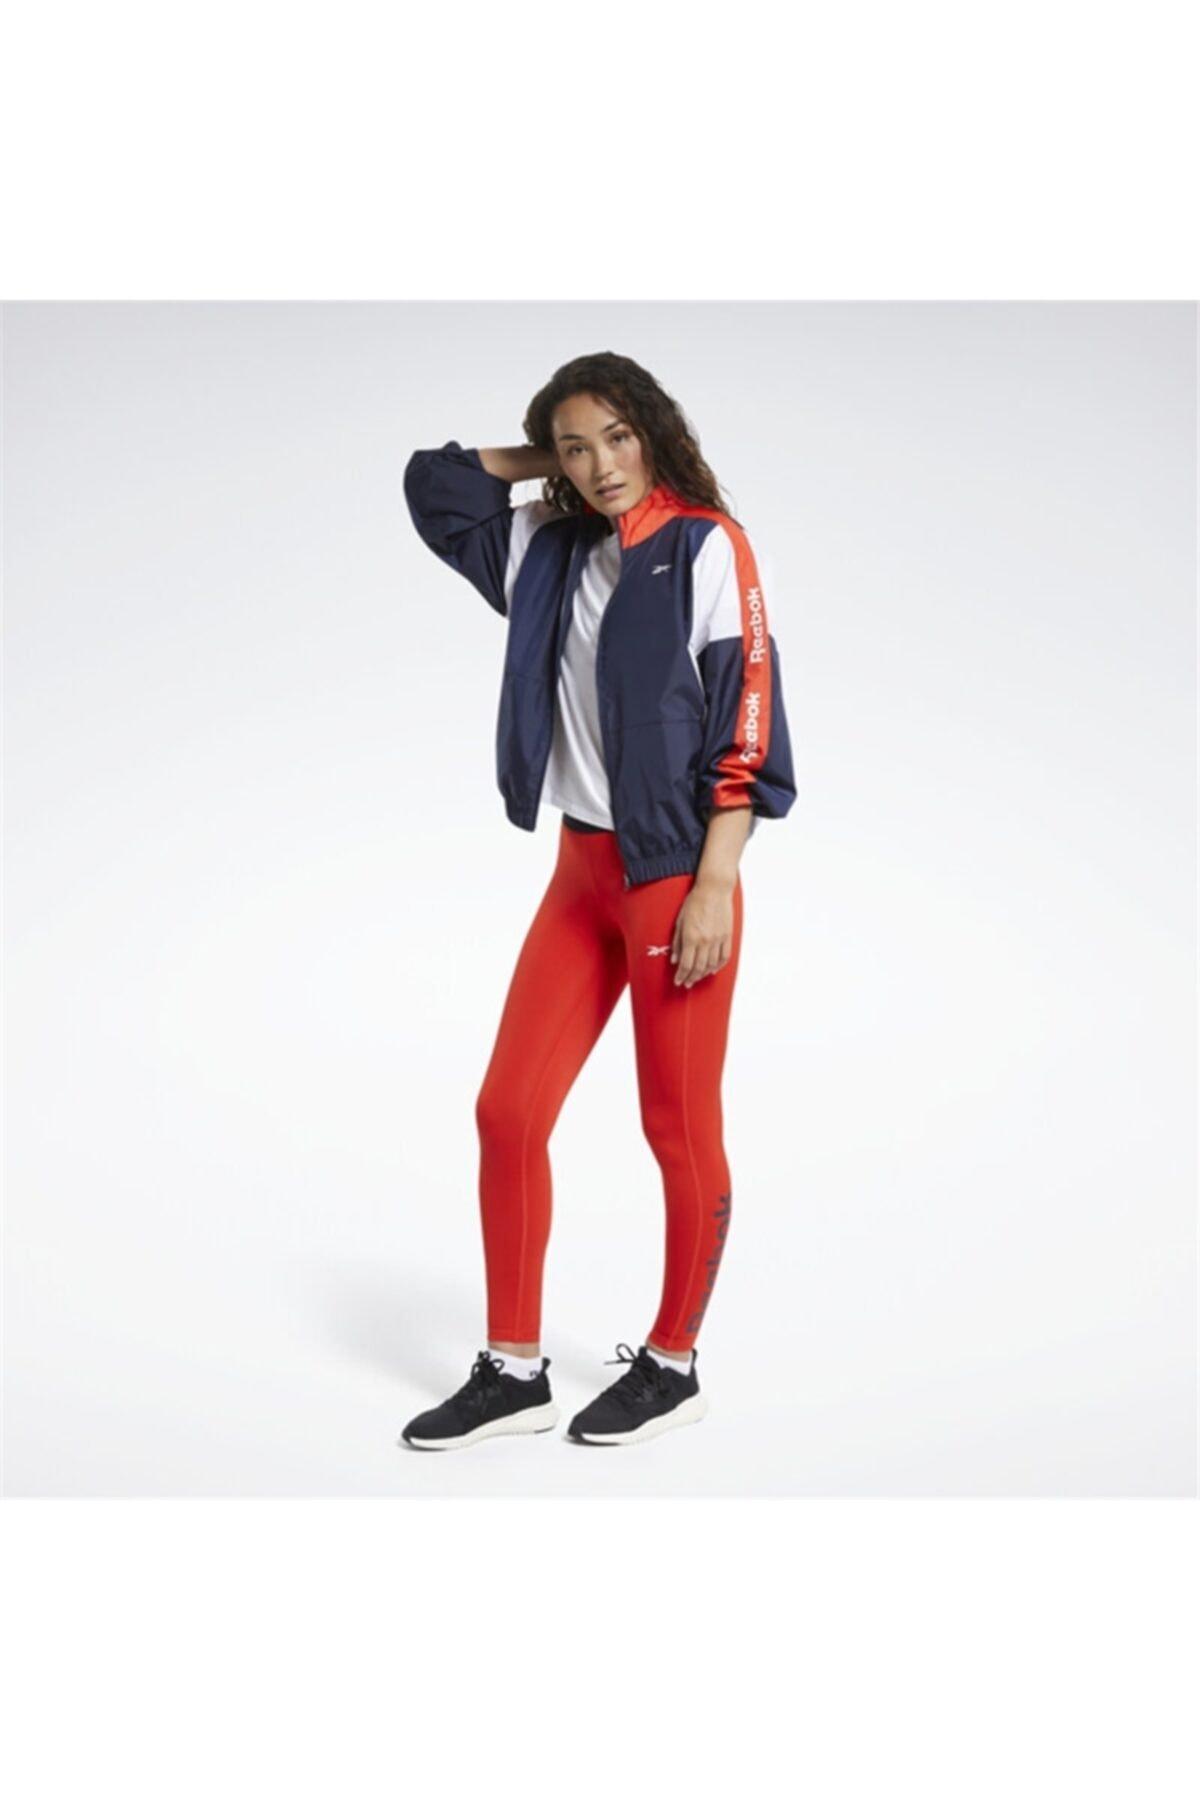 خرید اینترنتی گرمکن ورزشی زنانه برند ریبوک رنگ بژ کد ty47933264